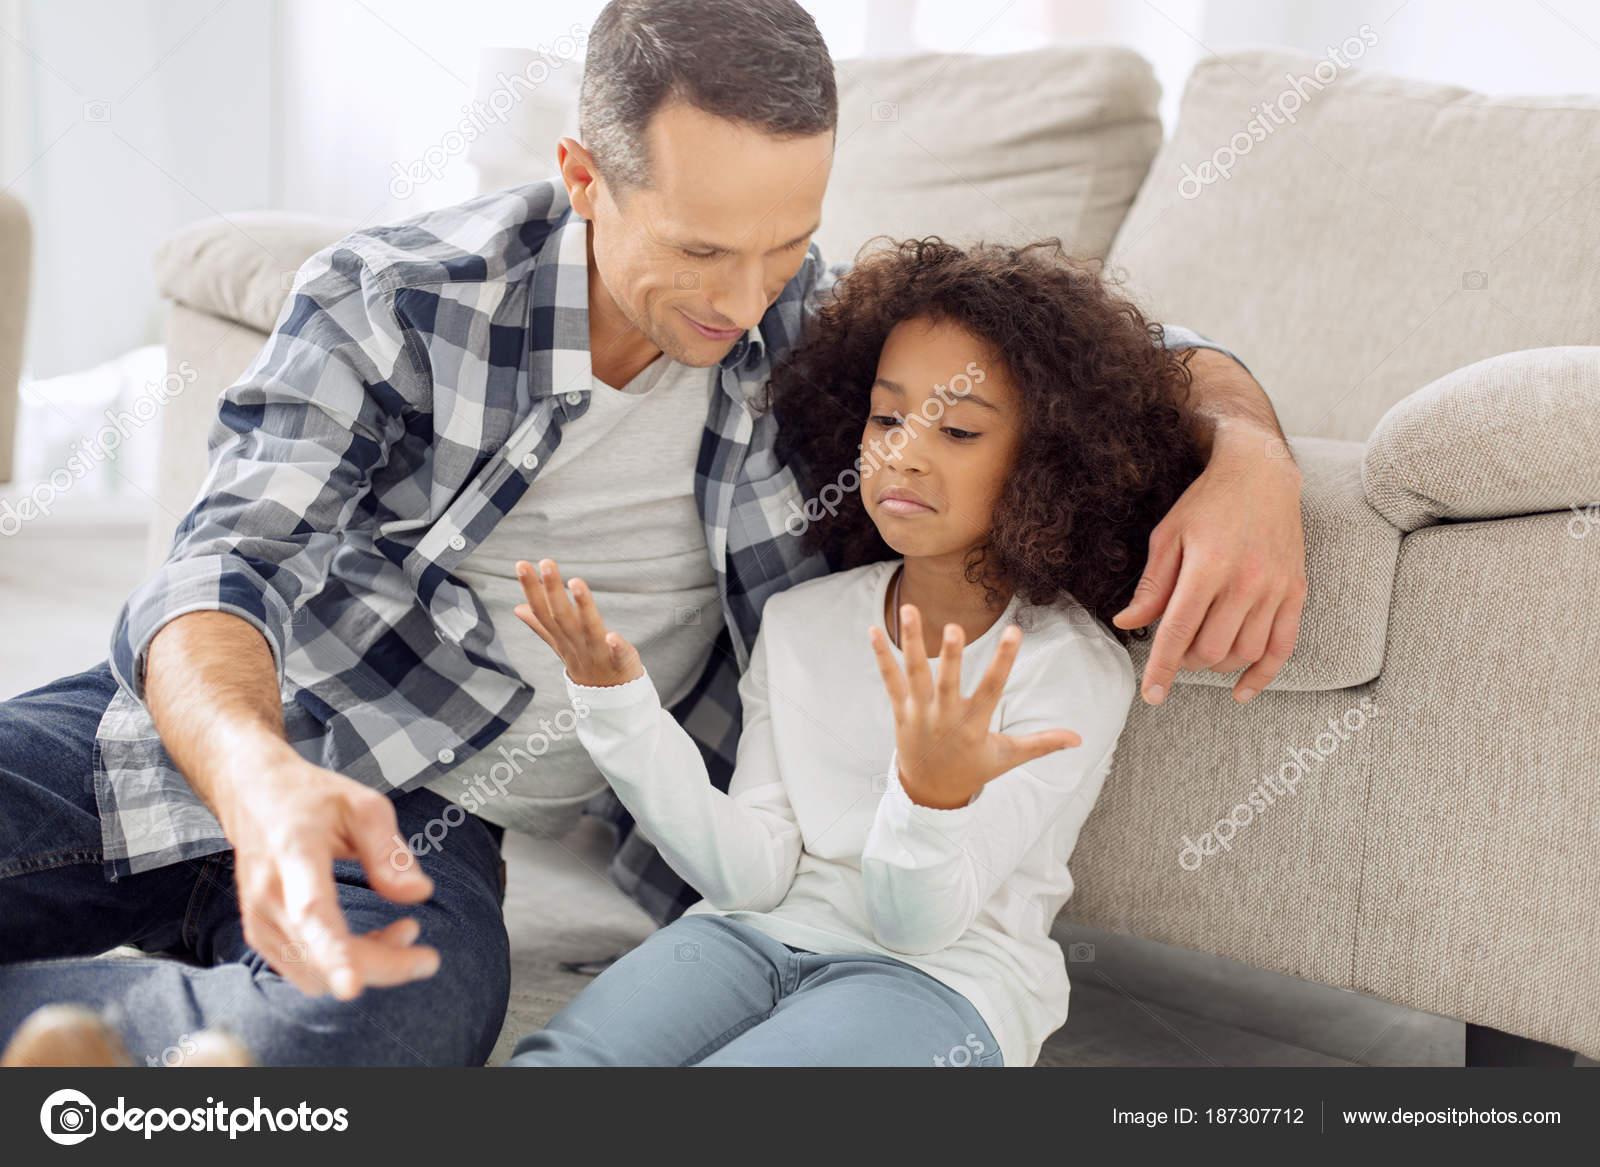 pensieri su interrazziale dating risalente a 5 anni senza matrimonio